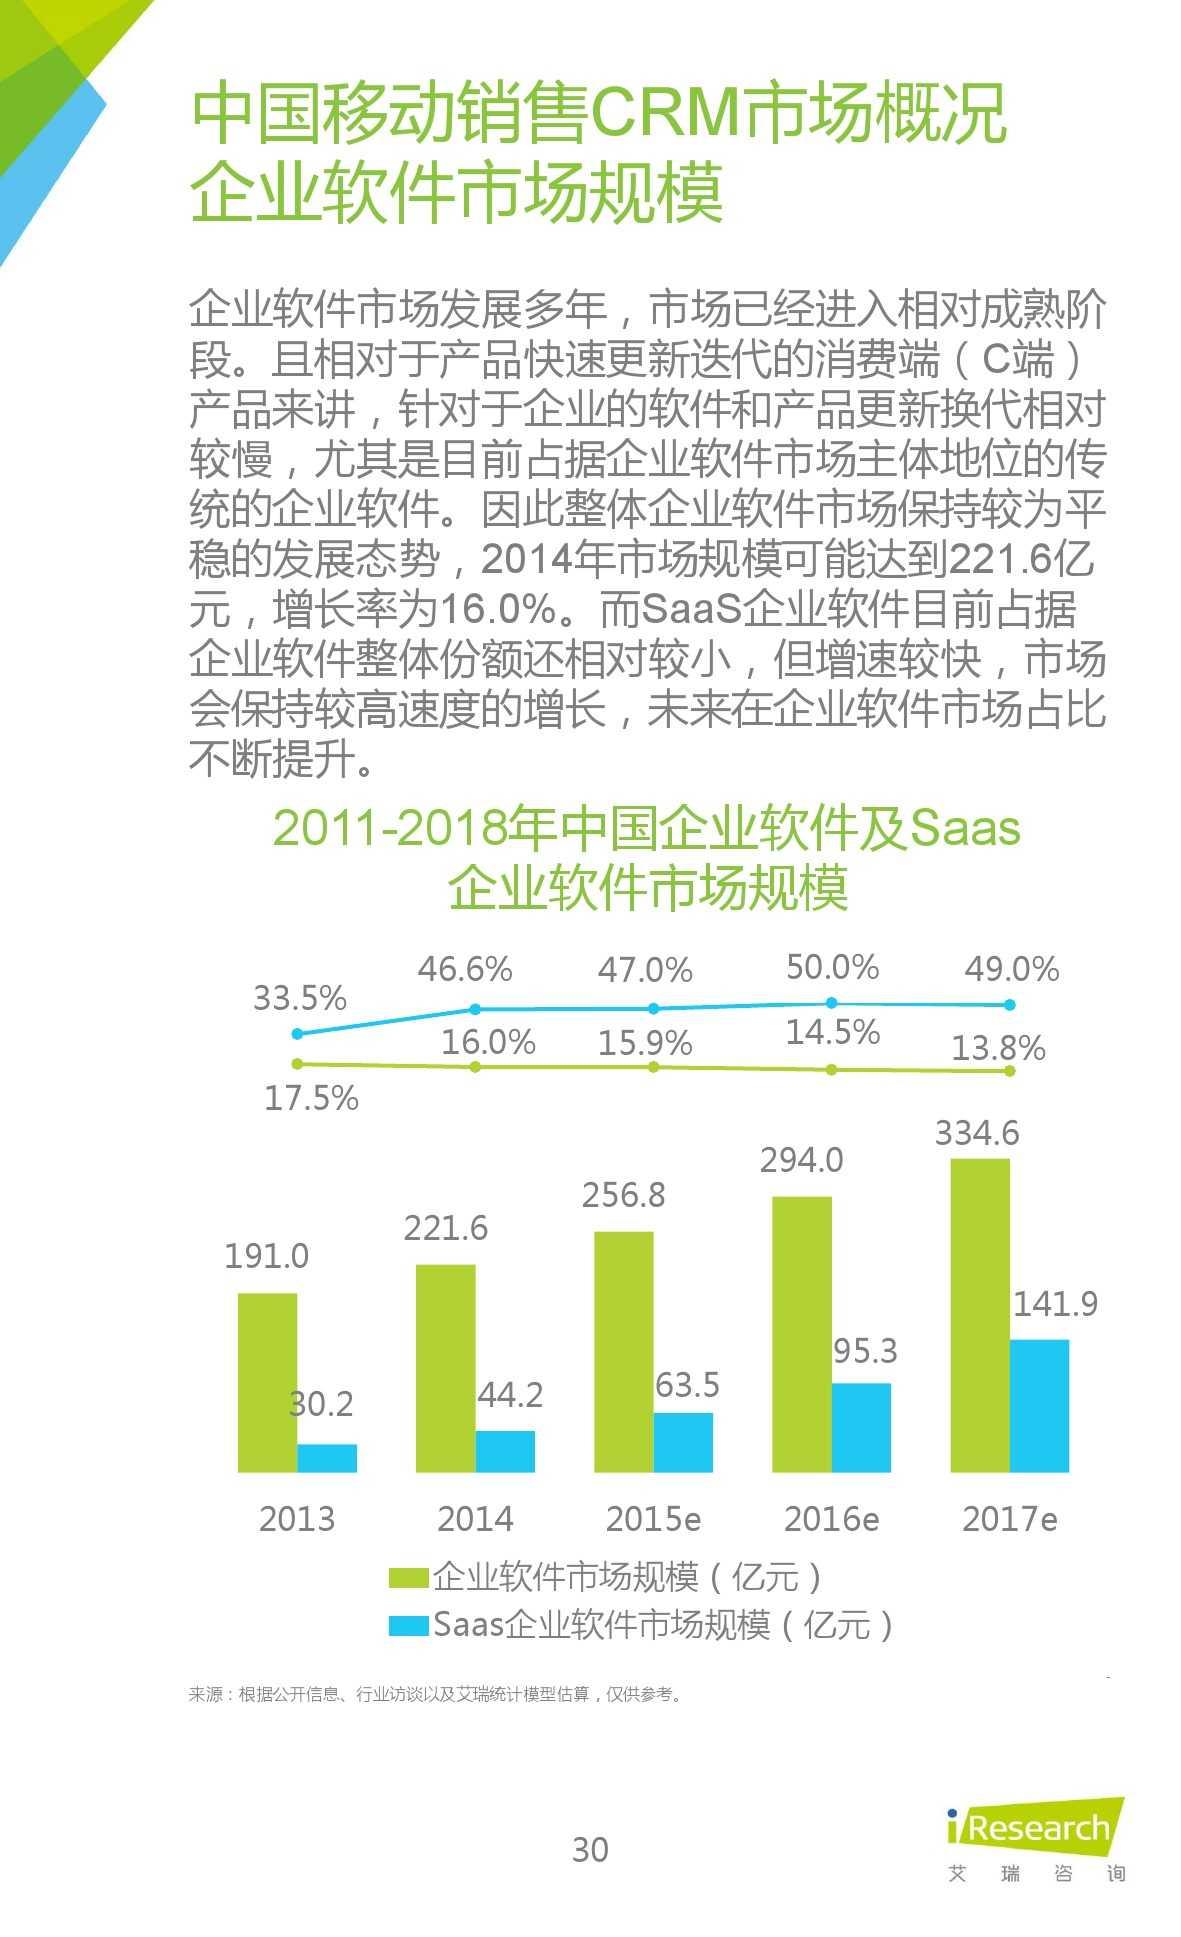 2015年中国移动销售CRM行业研究报告_000030